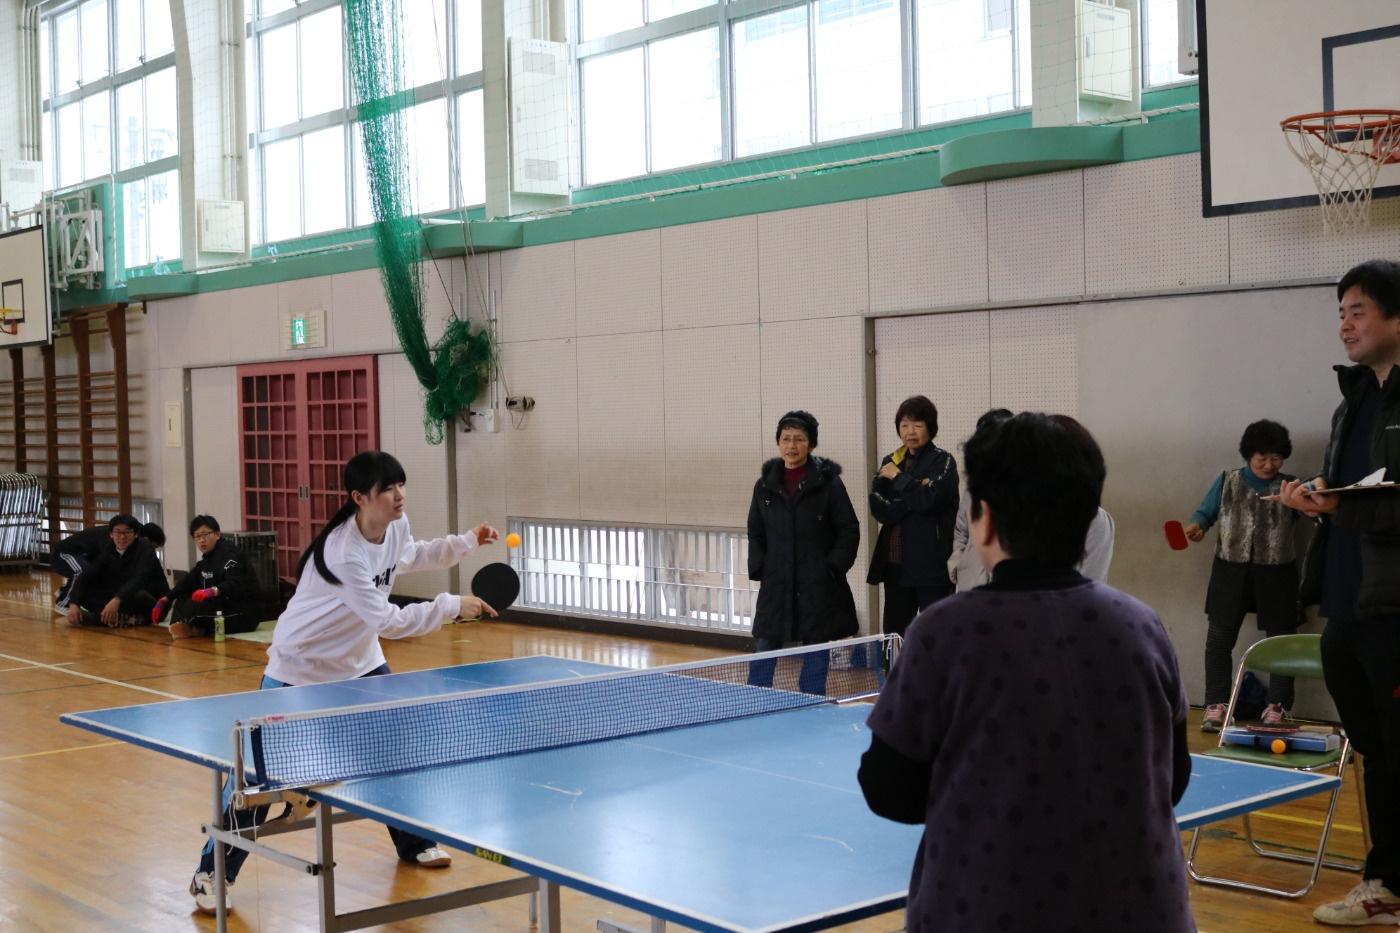 ラージボール卓球の様子|第29回吉島地区冬季スポーツレクリエーション大会